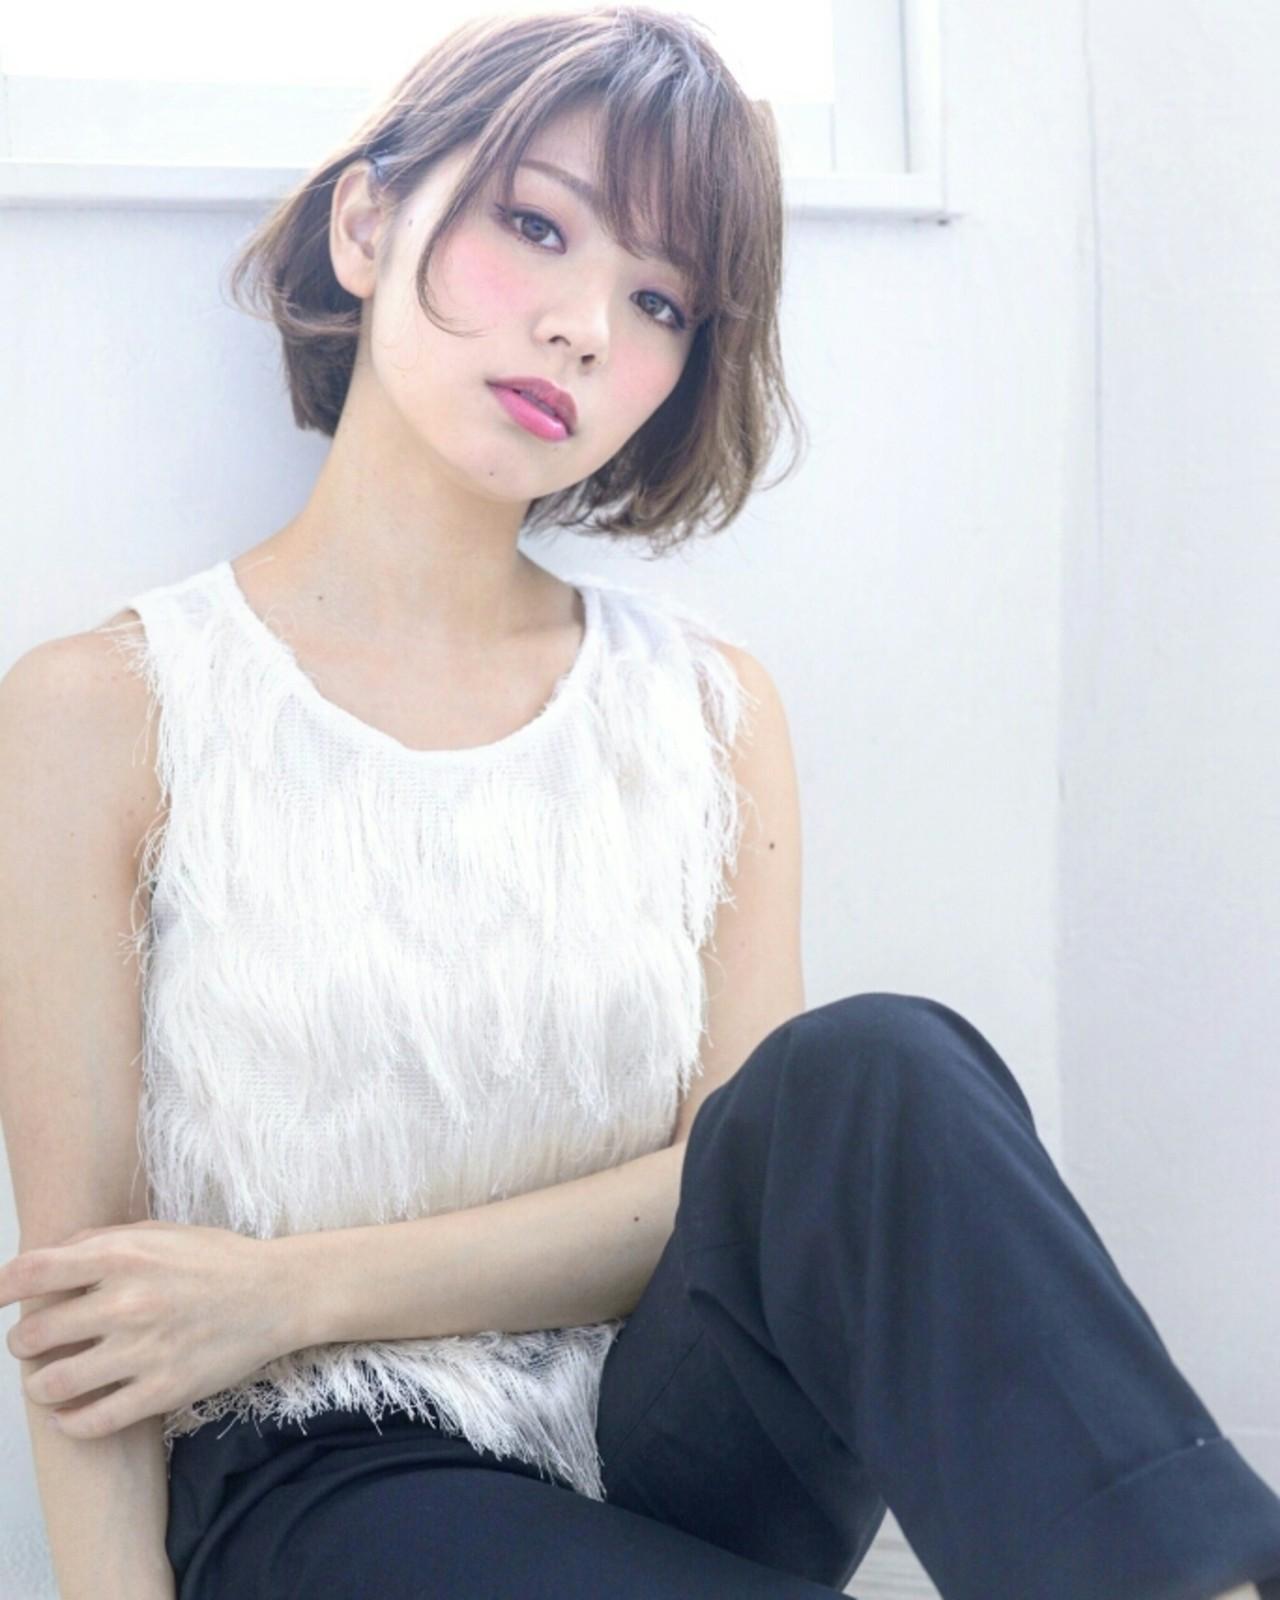 フェミニン パーマ 大人かわいい ショート ヘアスタイルや髪型の写真・画像 | Yuki Ito / AVANCECROSStuin梅田茶屋町店